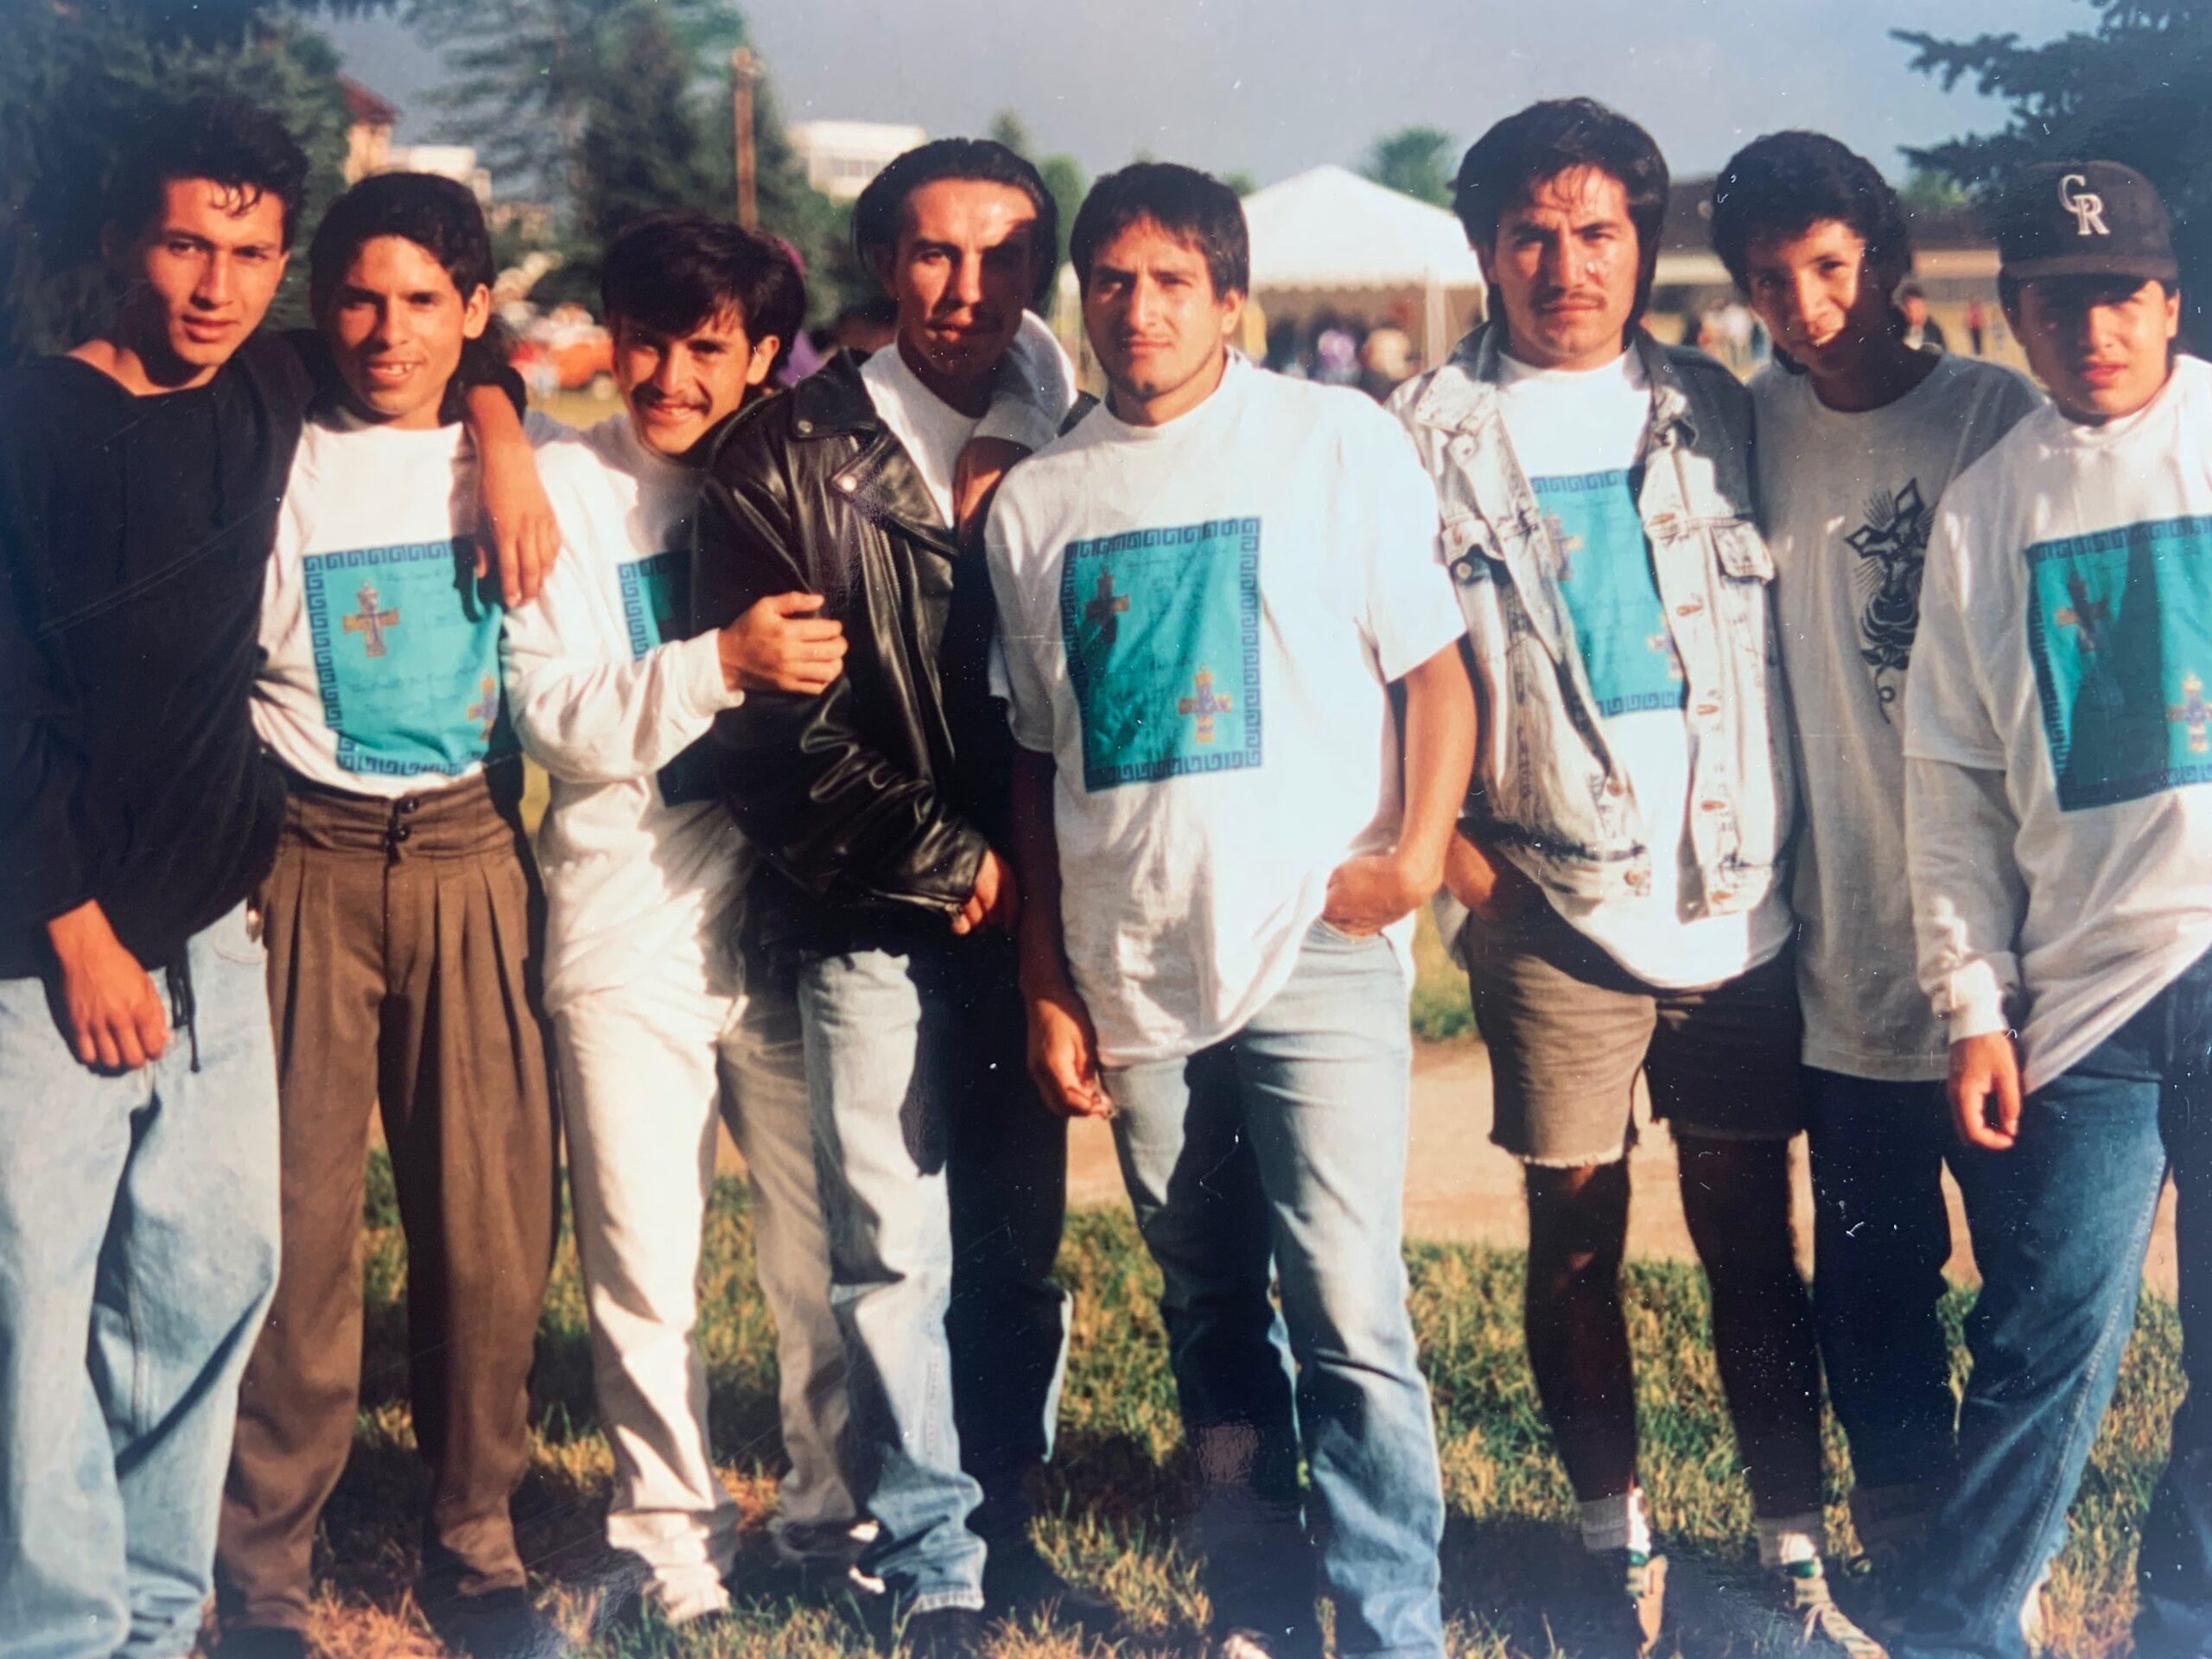 Casa San Alfonso: Opening Day of World Youth Day - El inicio de la Jornada Mundial de la Juventud